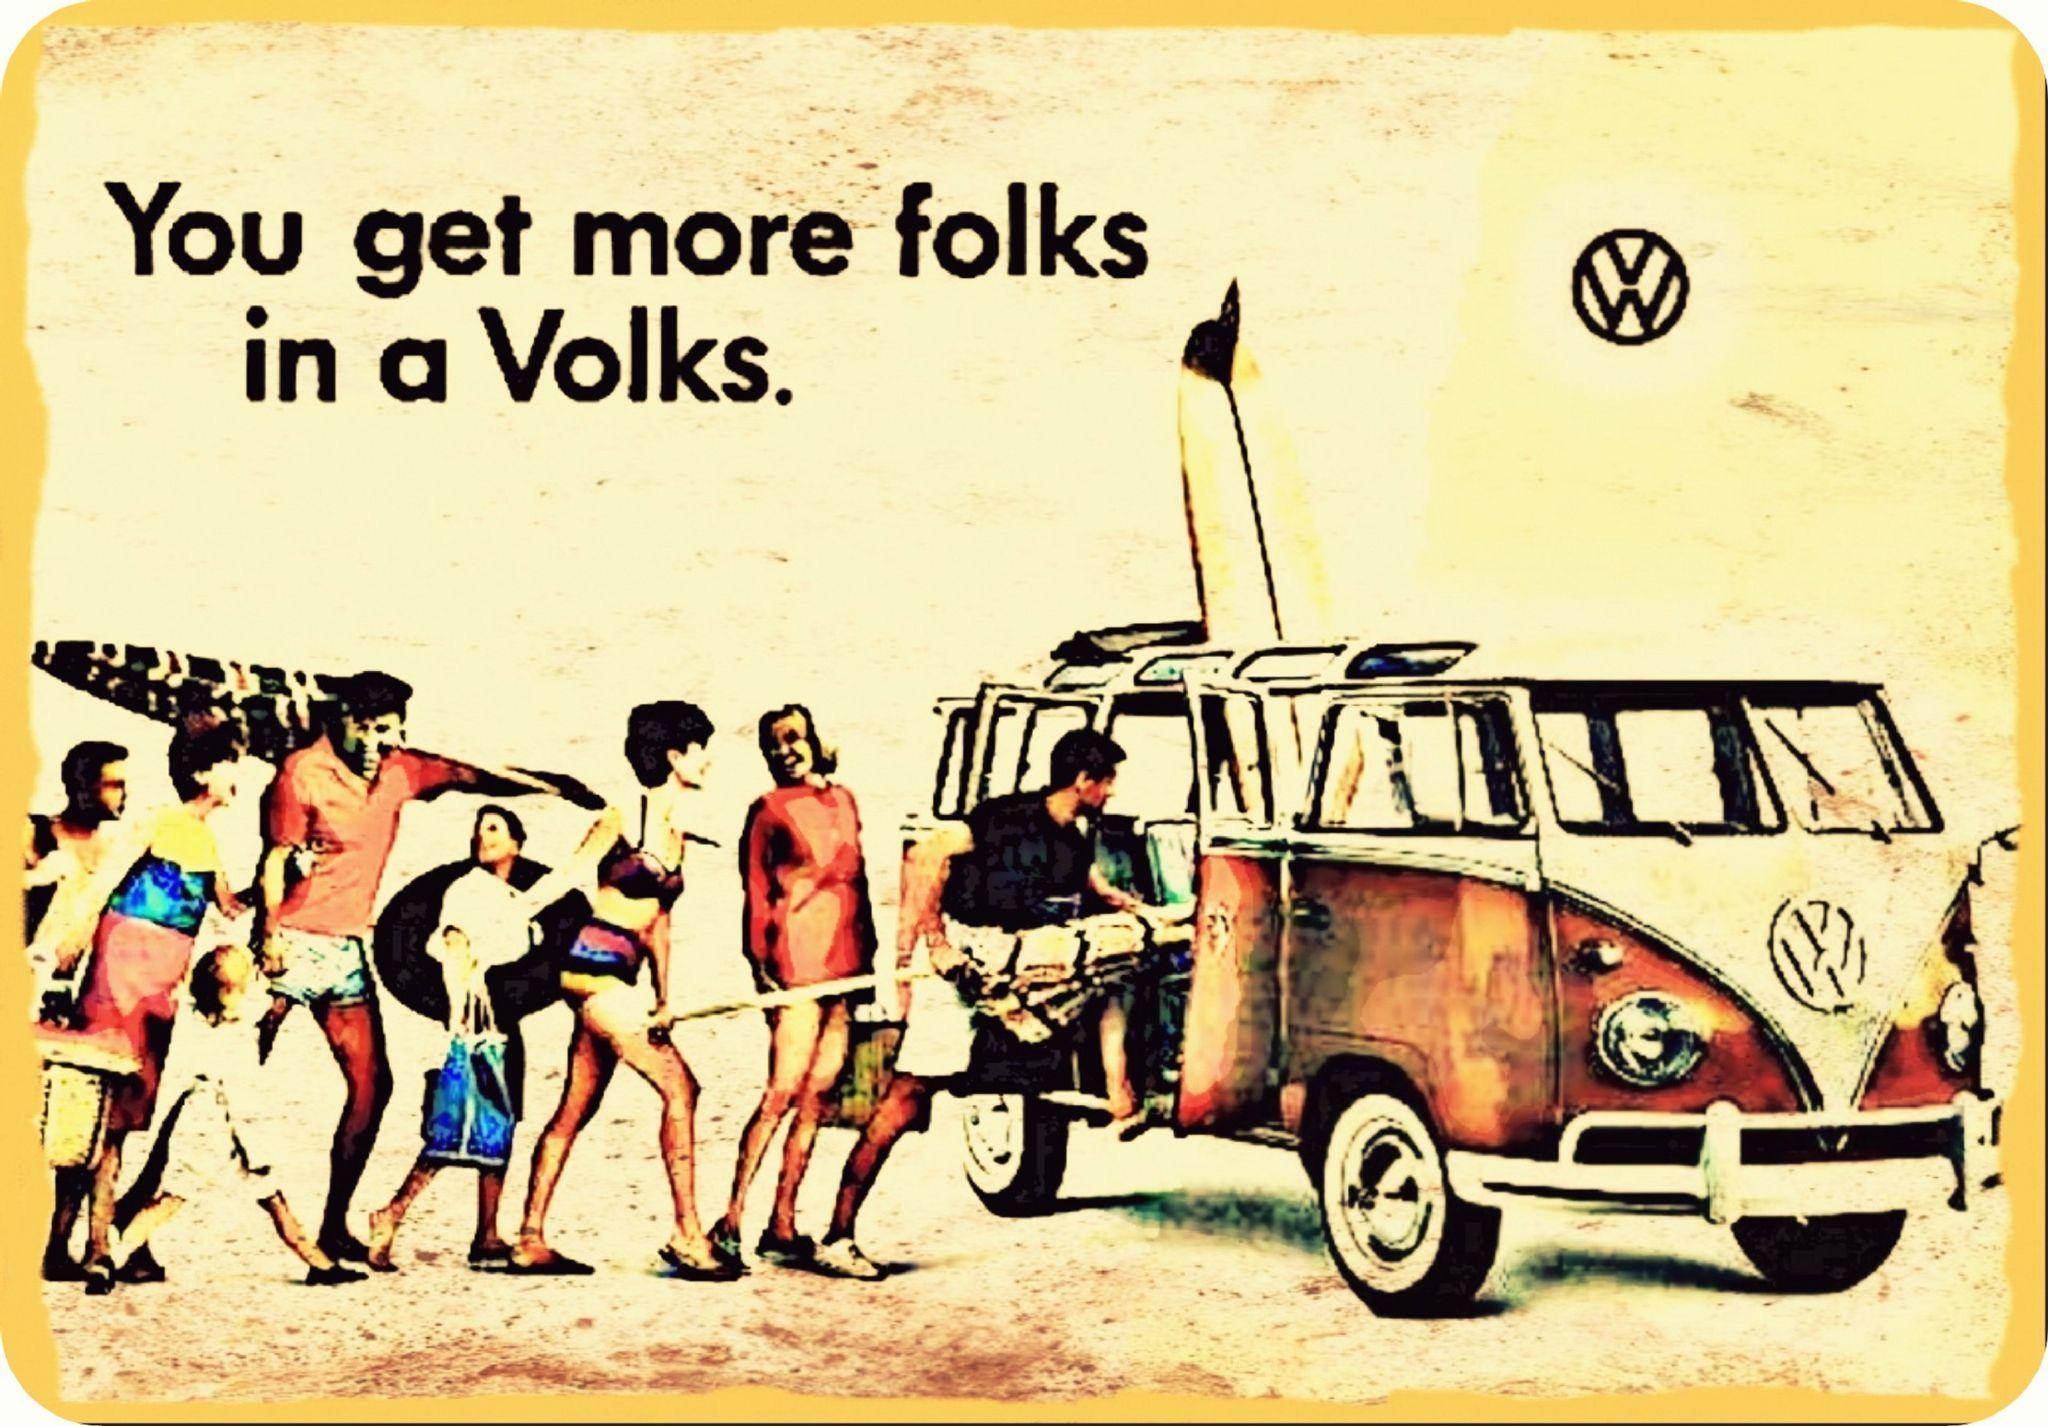 Folks Vw Camper Vintage Metal Wall Plaque From My Original Art Work Regarding Campervan Metal Wall Art (View 16 of 20)